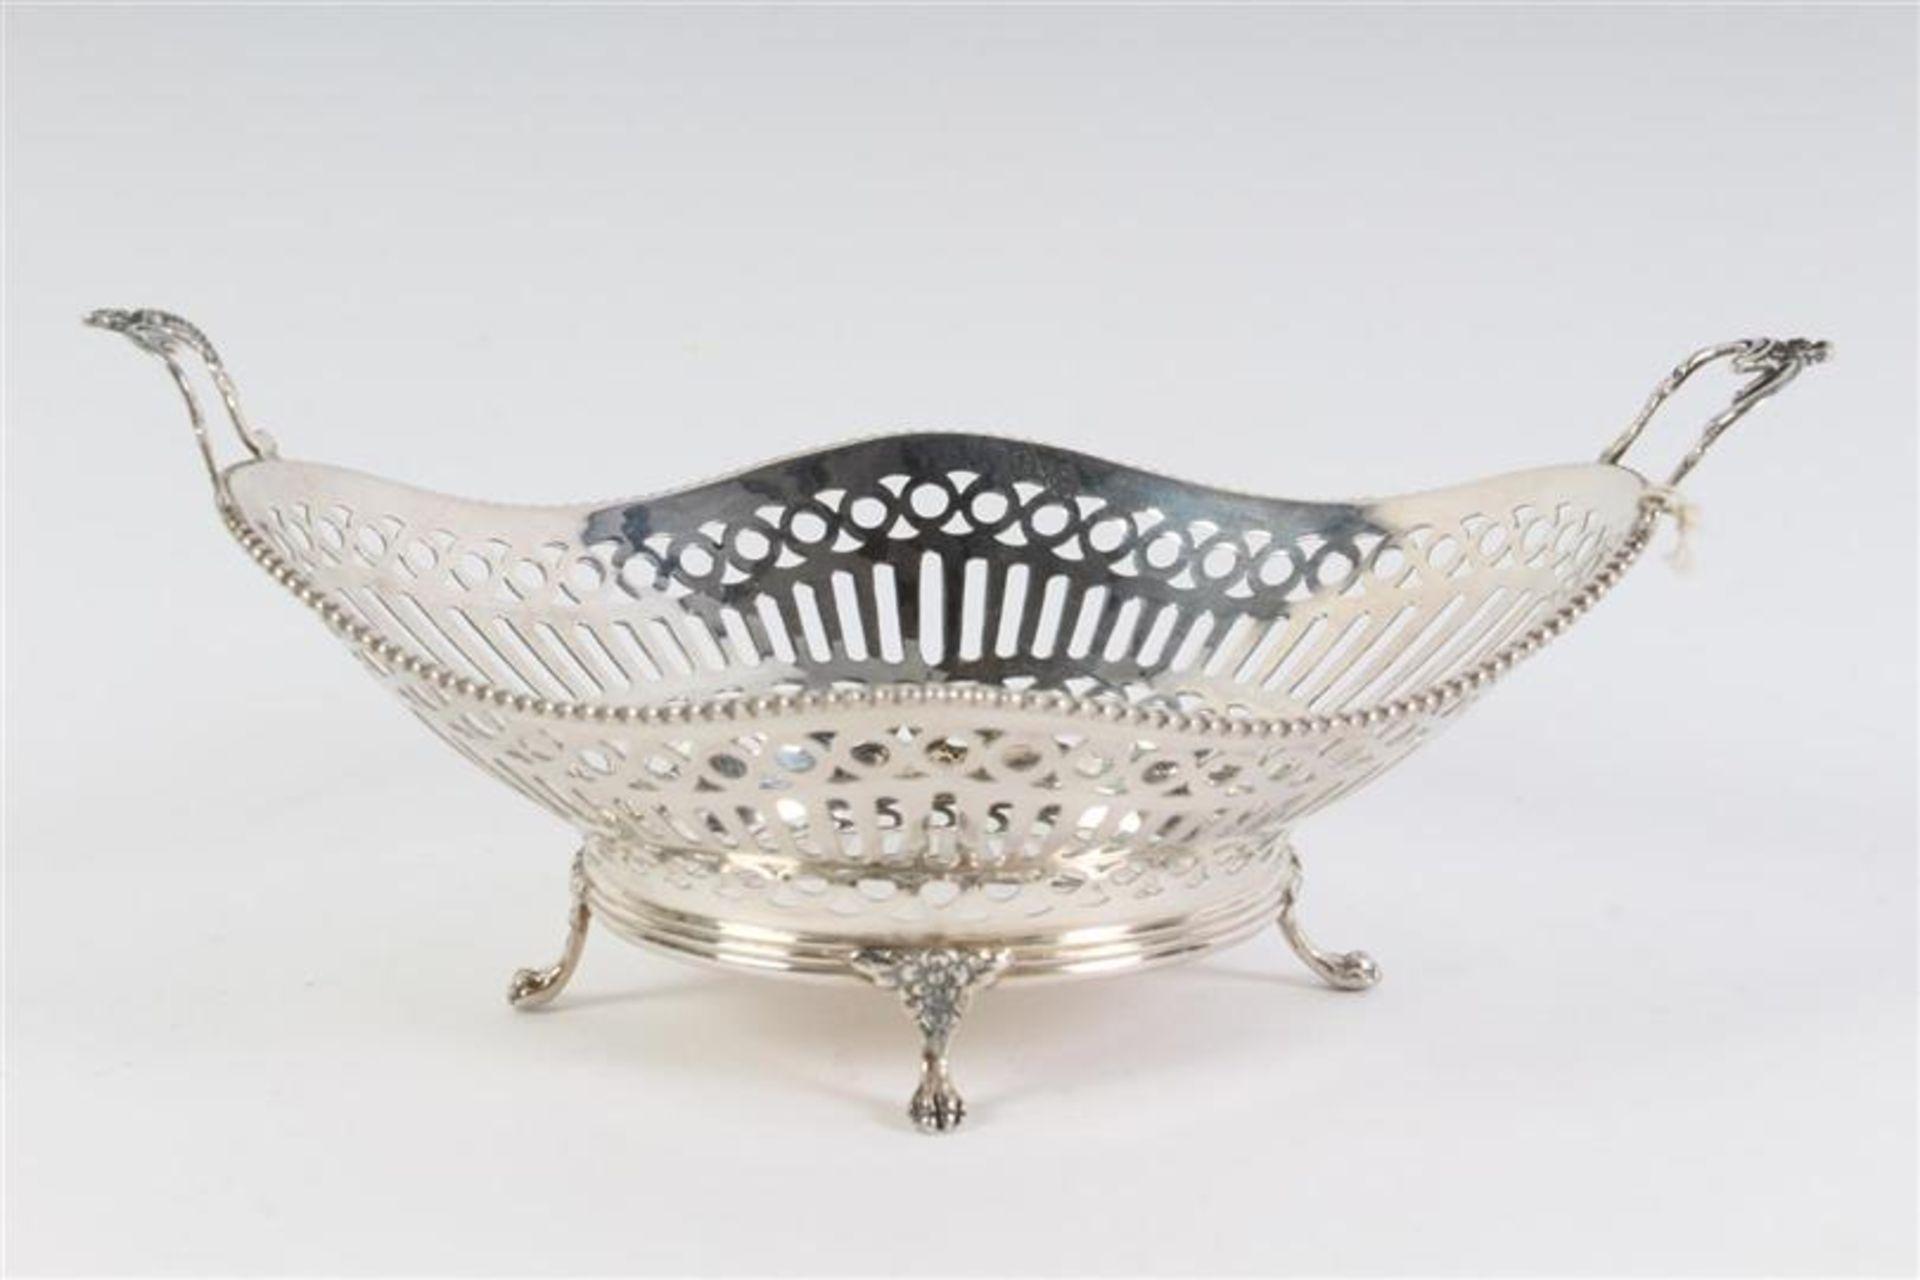 Zilveren bonbonmandje met parelrand, Holland, 20e eeuw. L: 16 cm. Gewicht: 82 g.